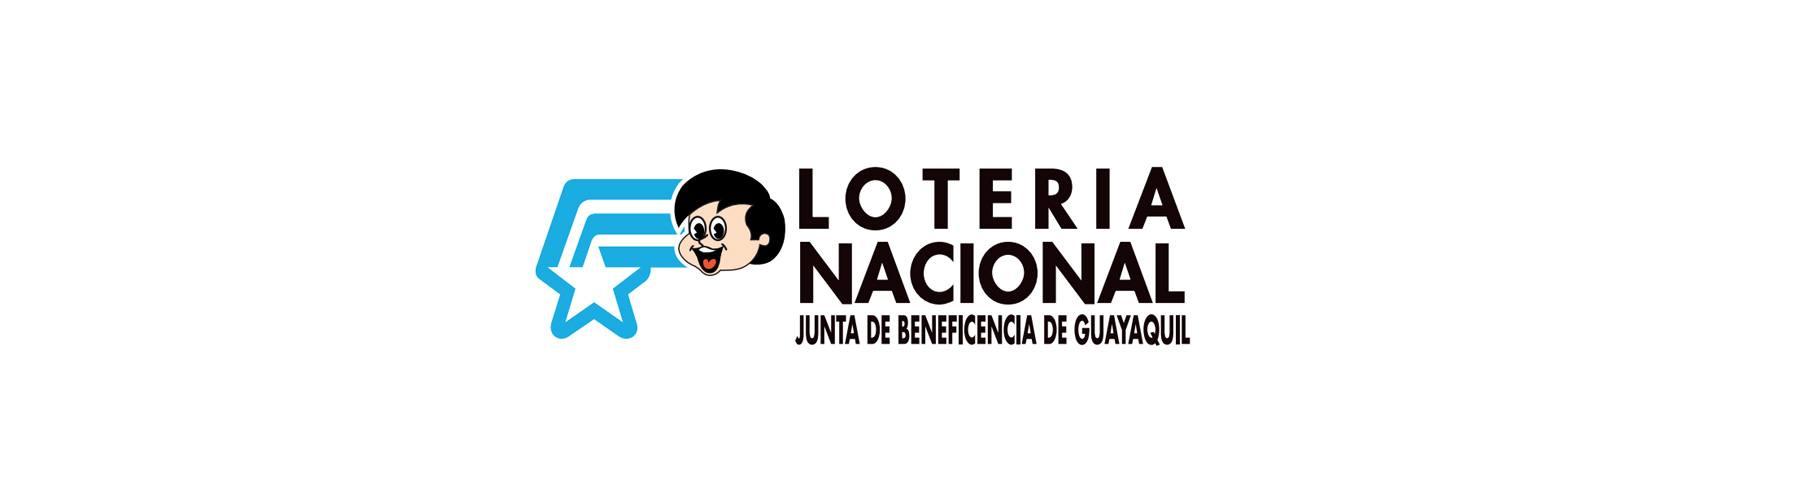 Испанские лотереи — как играть из россии